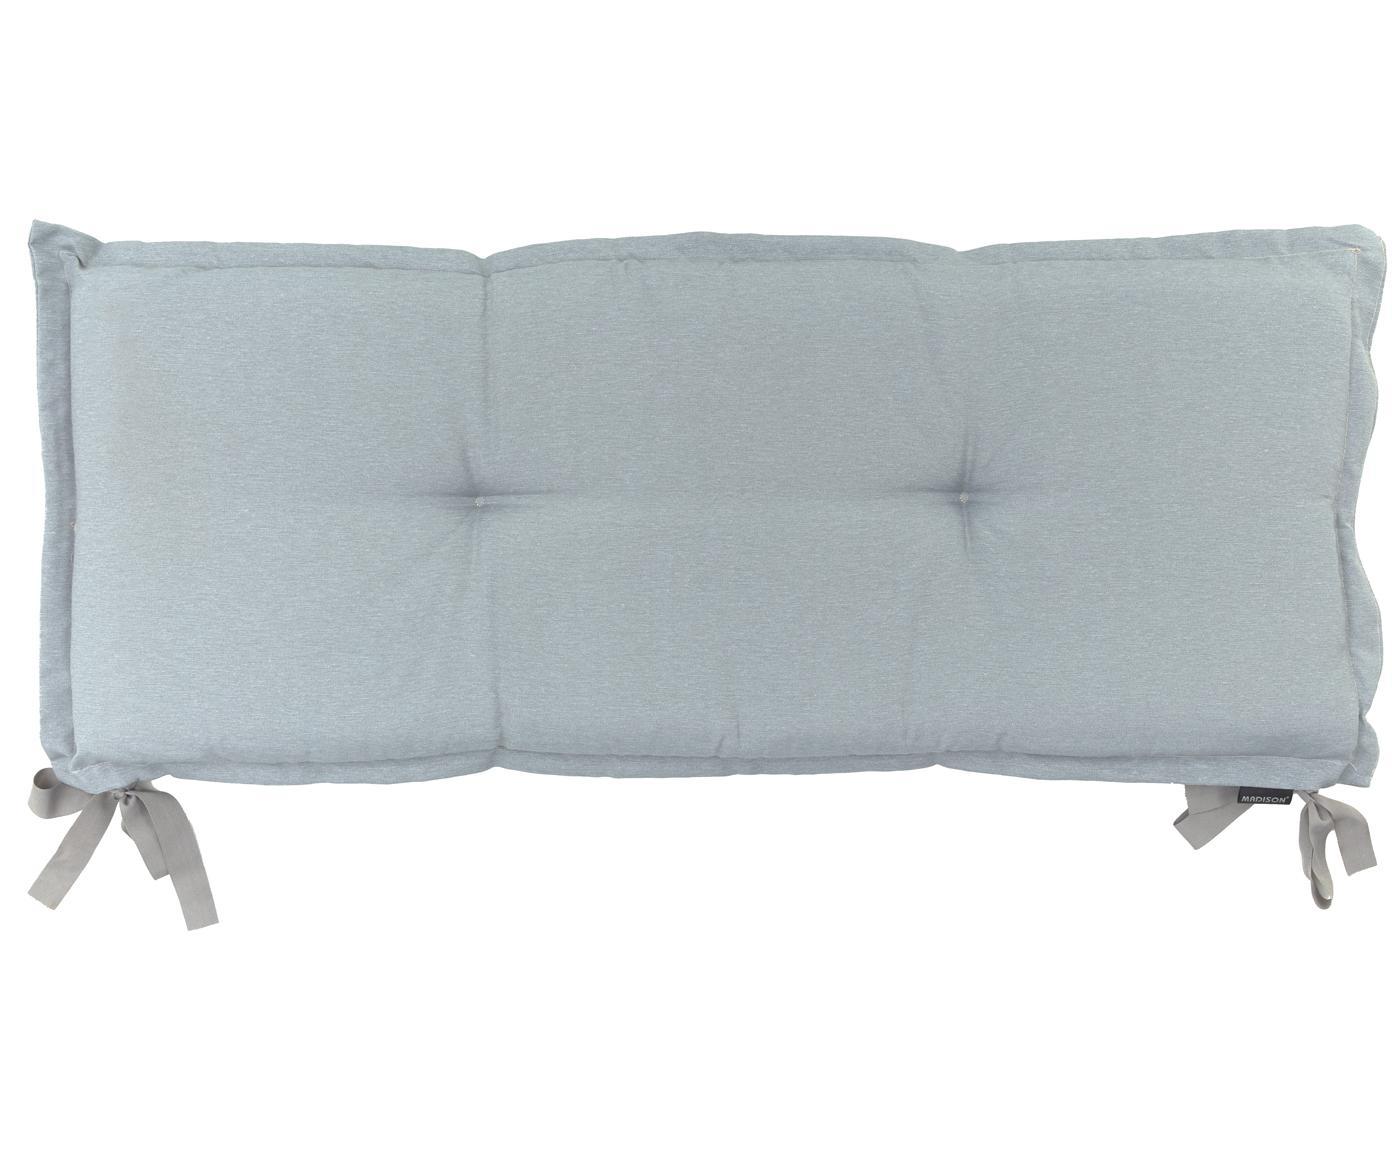 Cuscino sedia lungo Panama, 50% cotone, 45% poliestere, 5% altre fibre, Grigio chiaro, Larg. 48 x Lung. 120 cm